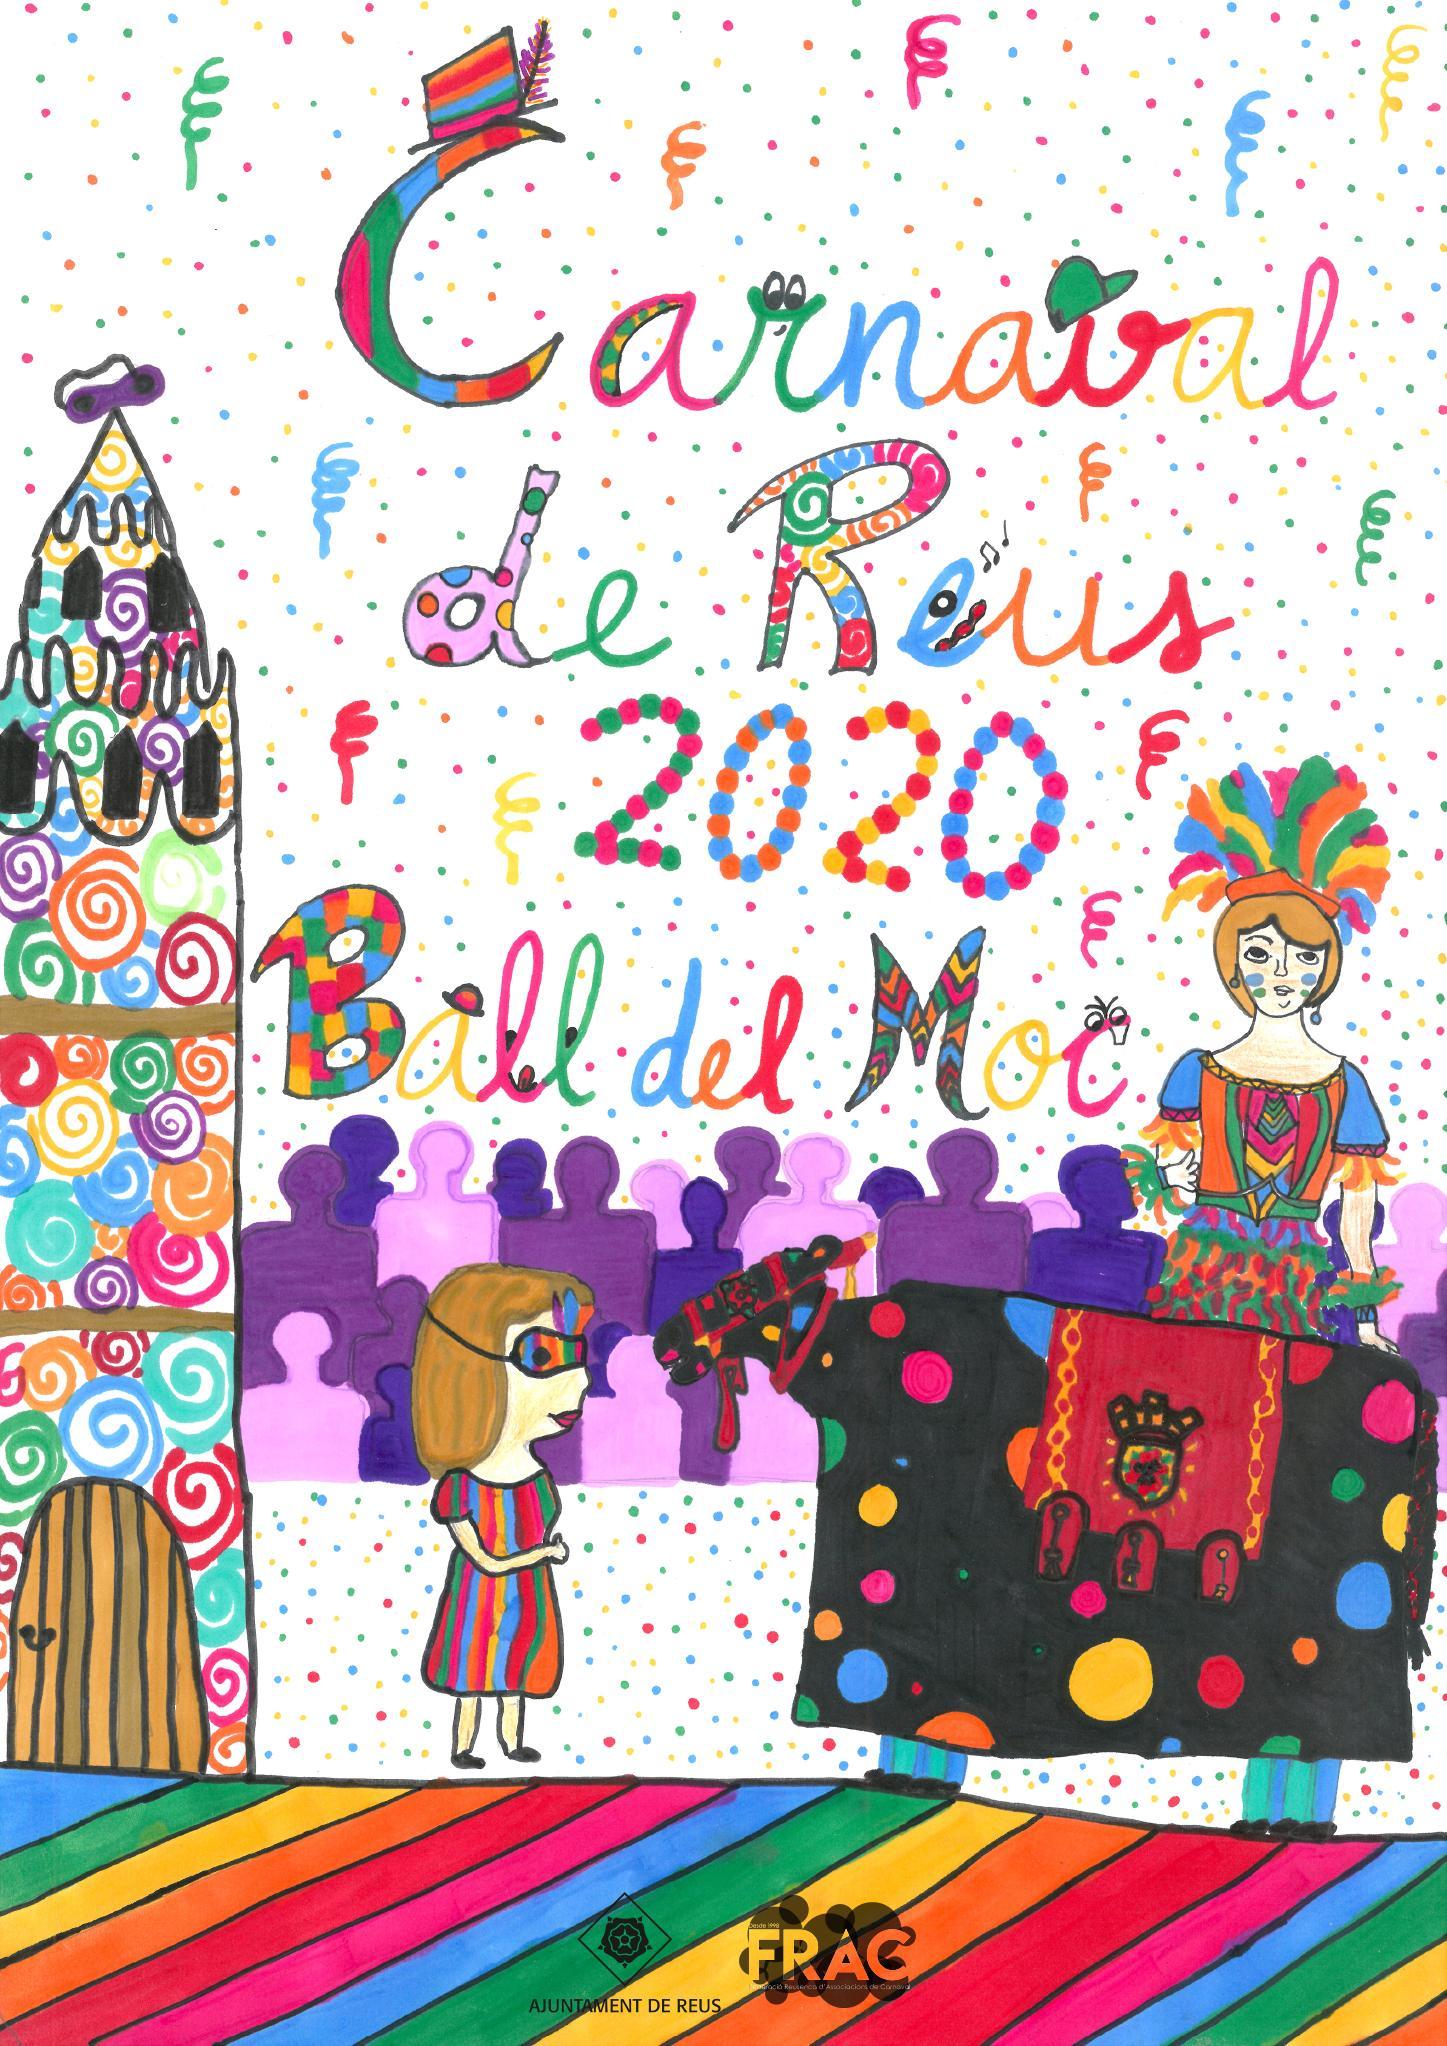 Carnaval 2020 · Ball del Moc